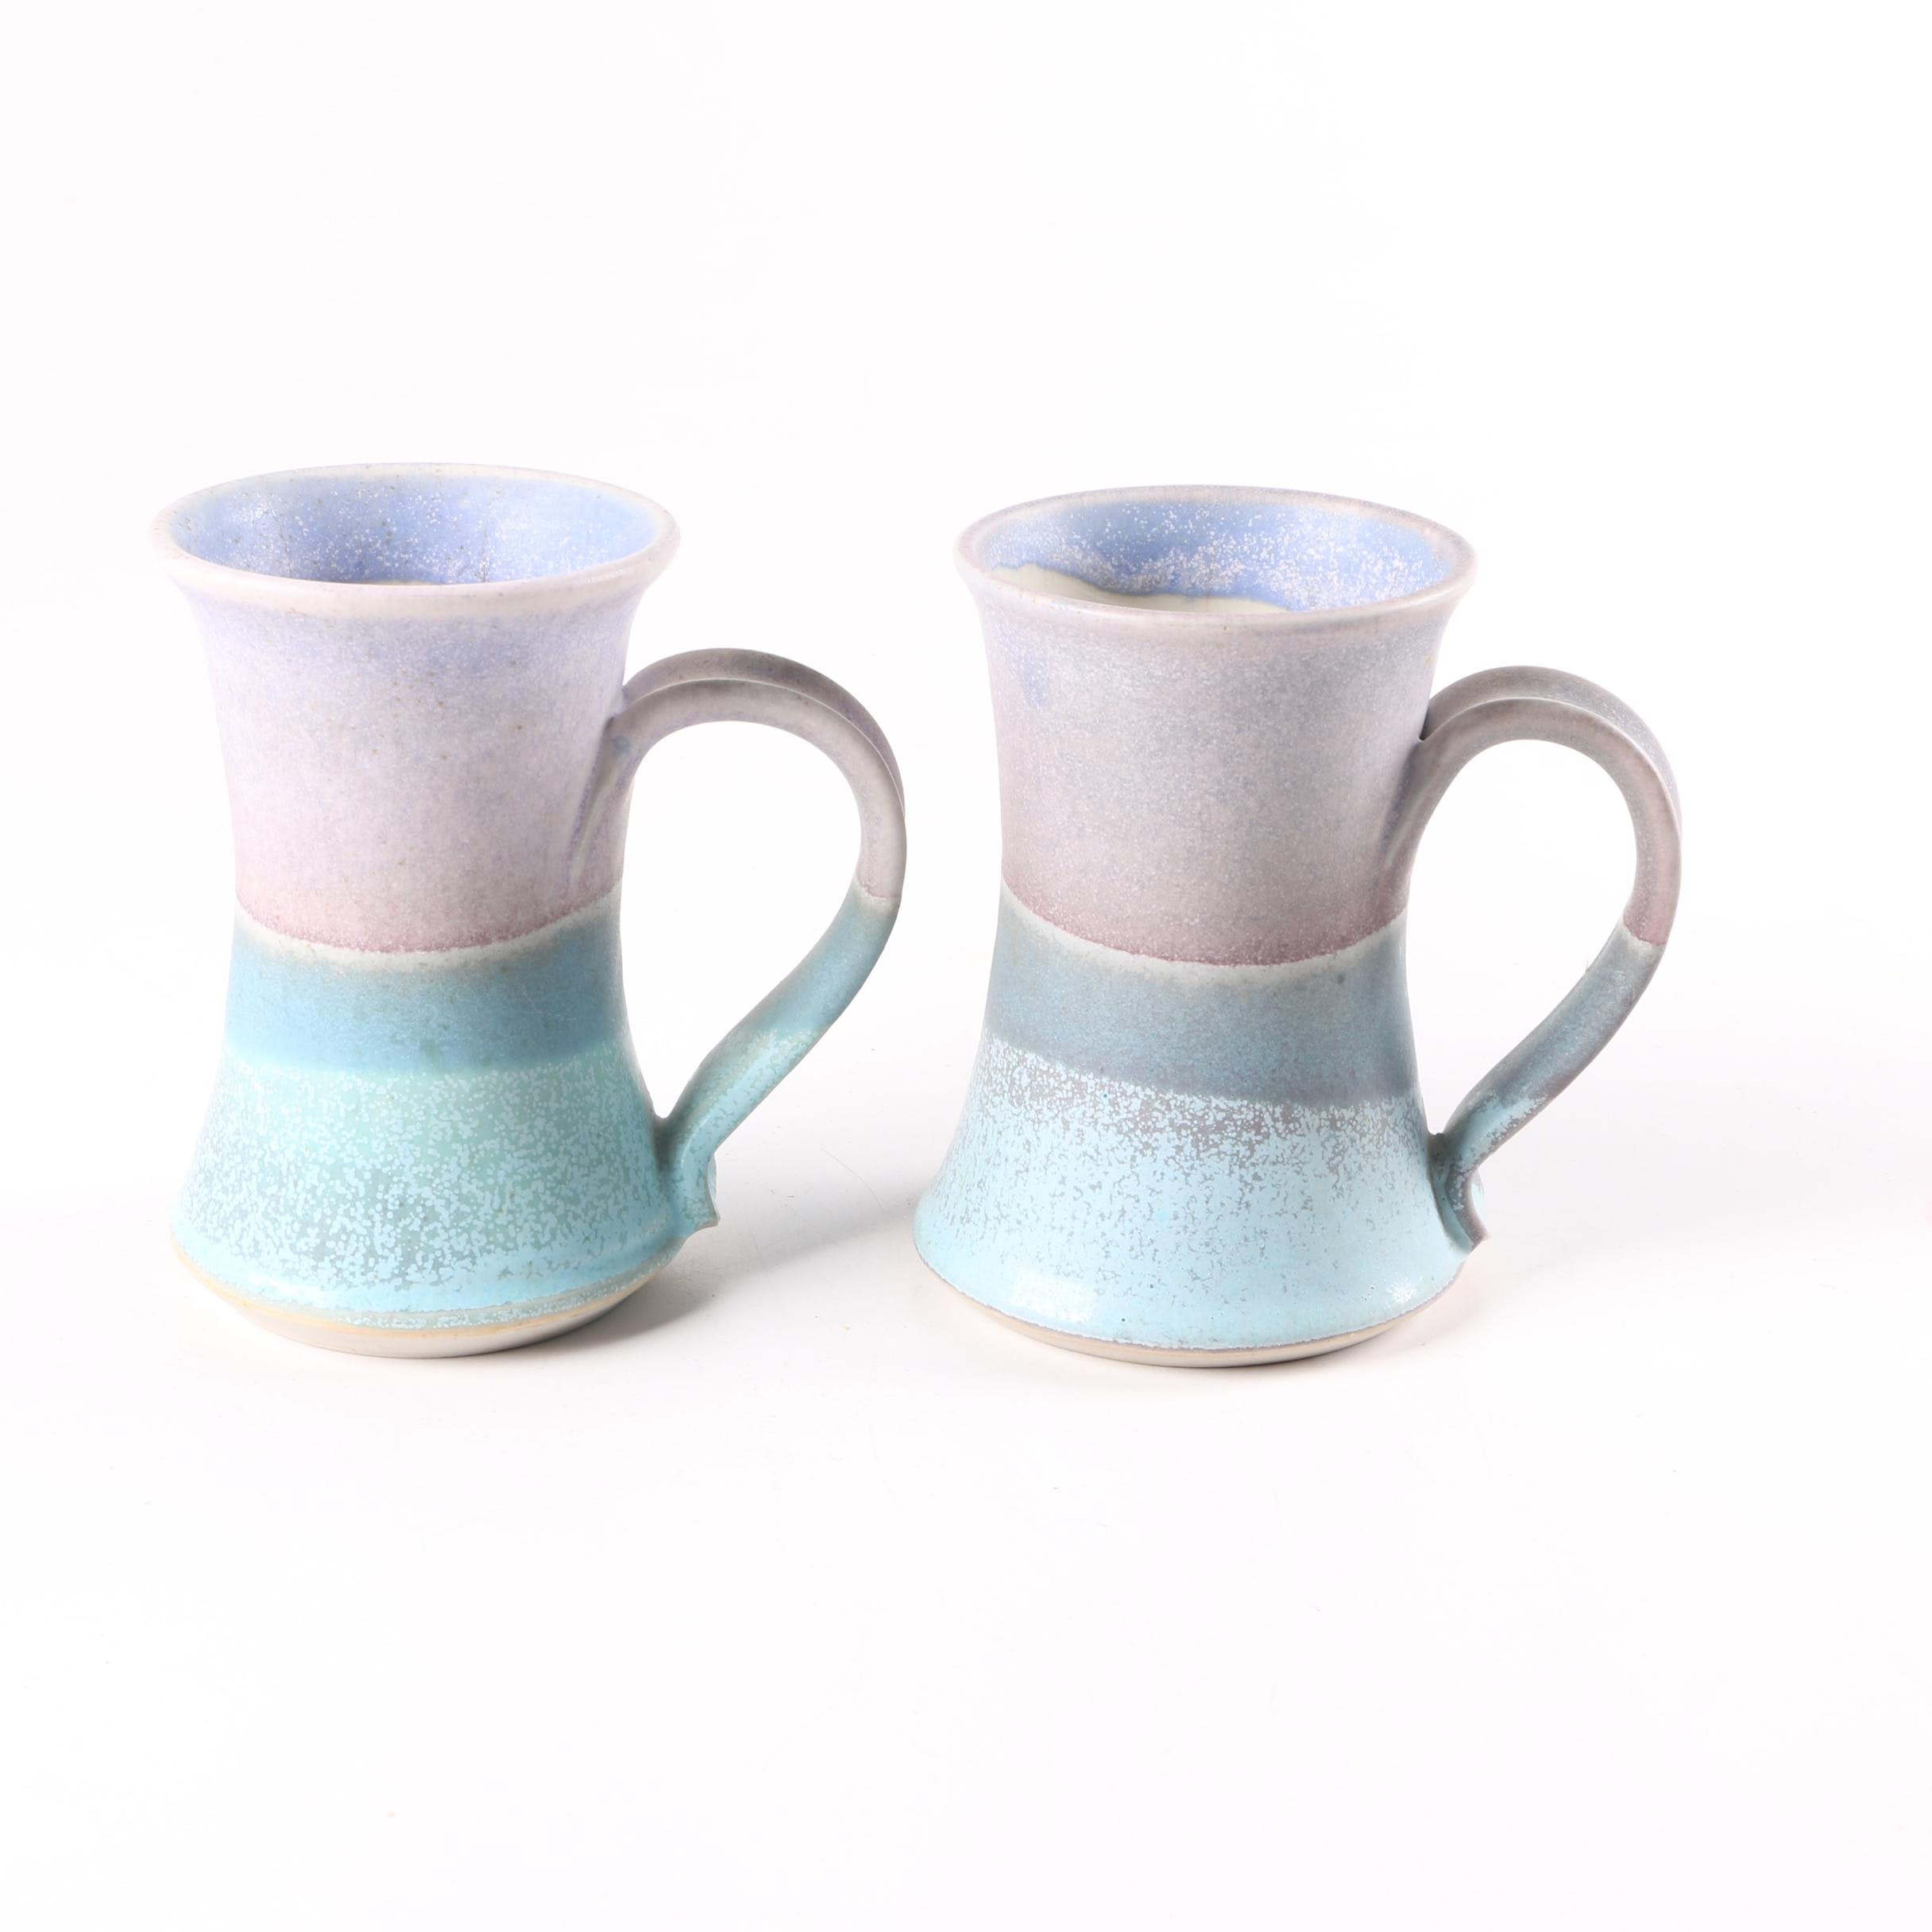 Signed Stoneware Mugs